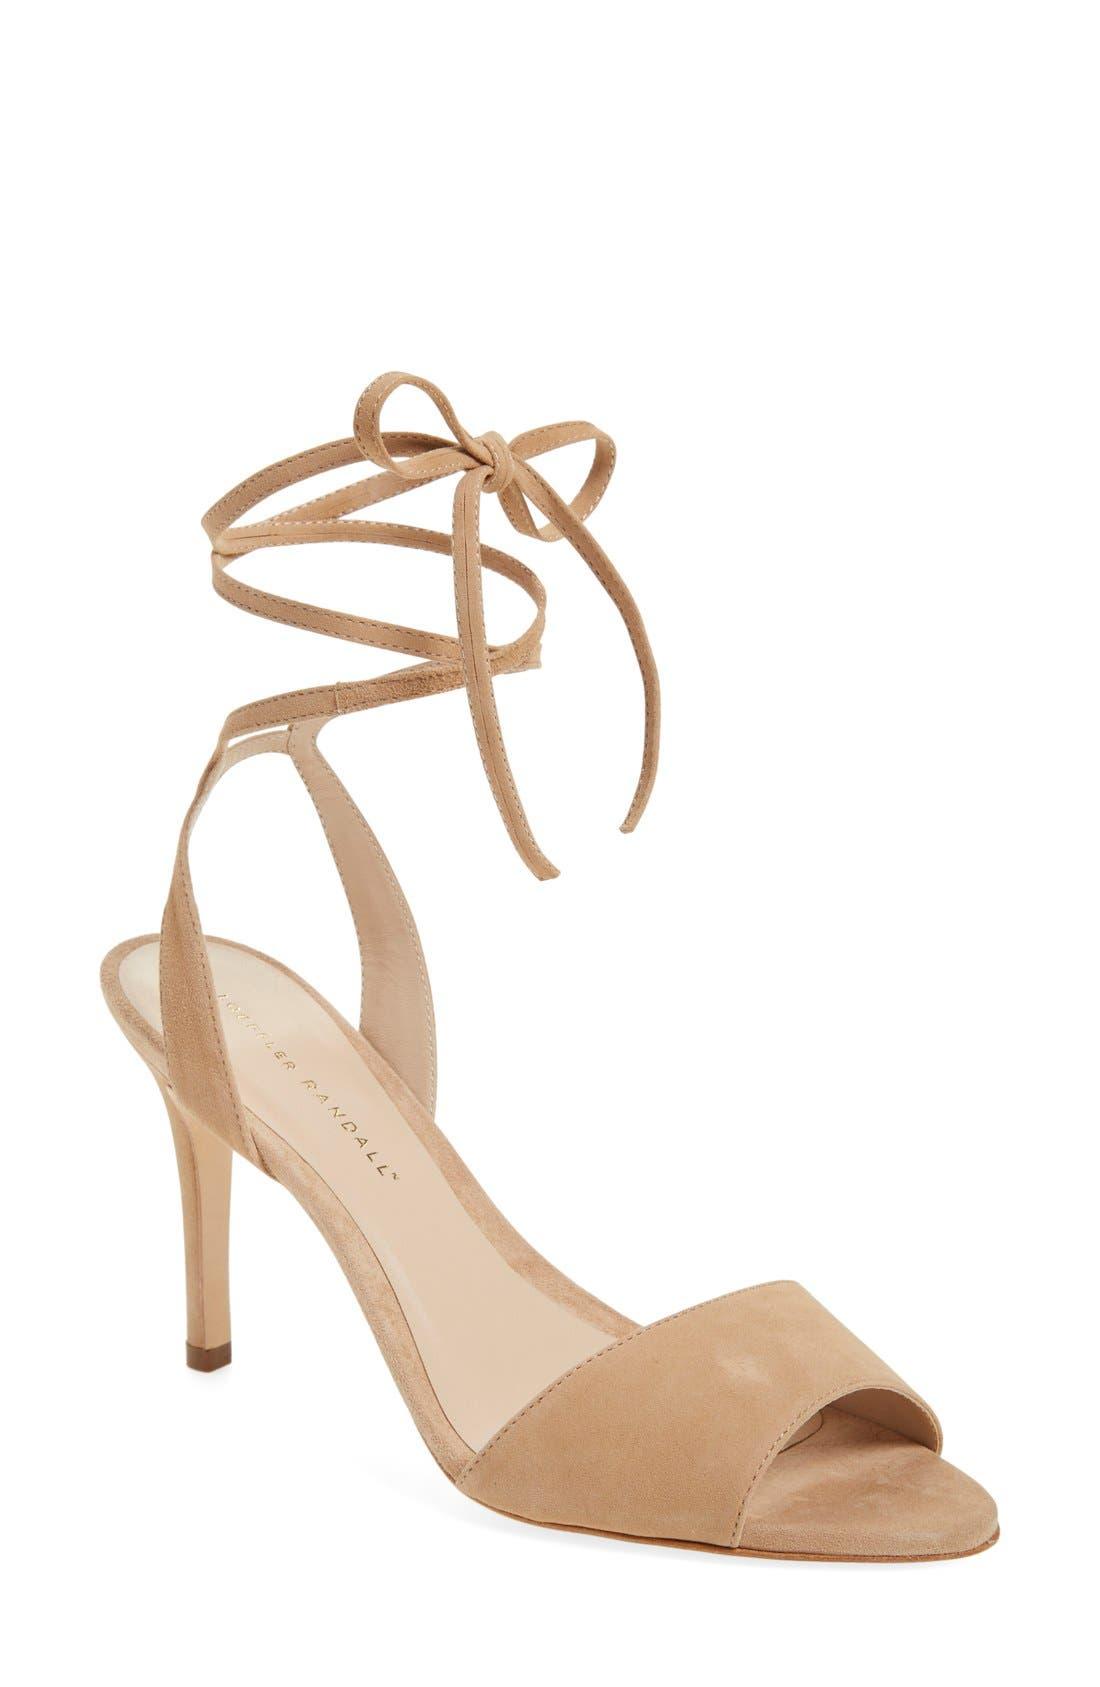 LOEFFLER RANDALL 'Elyse' Lace-Up Sandal